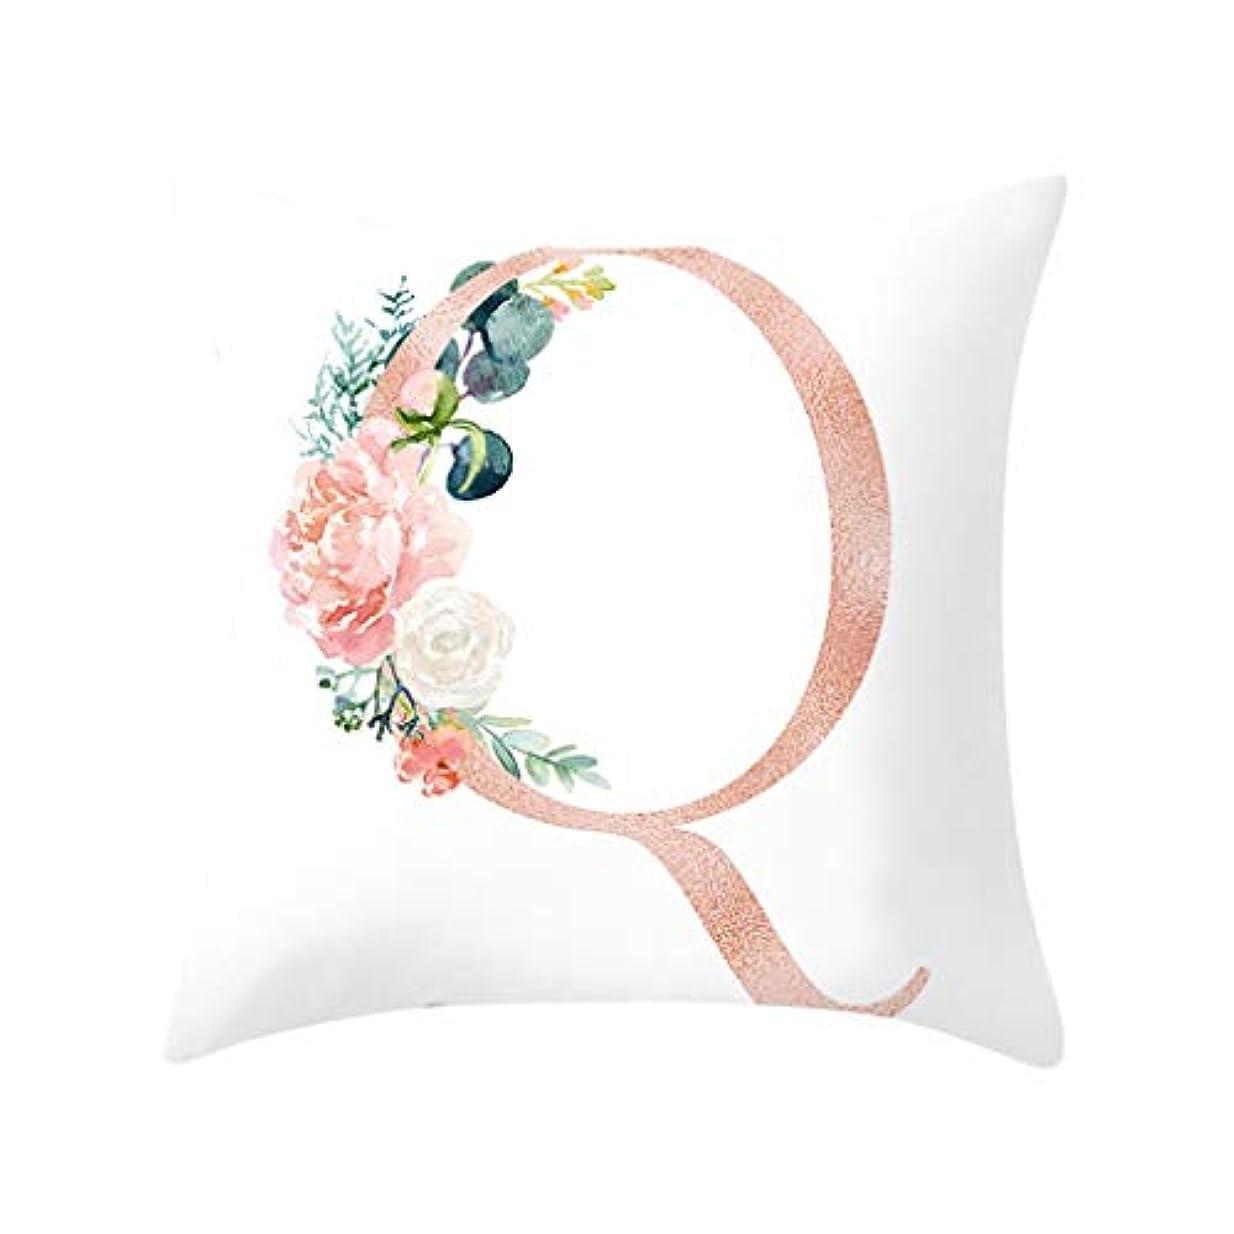 若いドメインけがをするLIFE 装飾クッションソファ手紙枕アルファベットクッション印刷ソファ家の装飾の花枕 coussin decoratif クッション 椅子